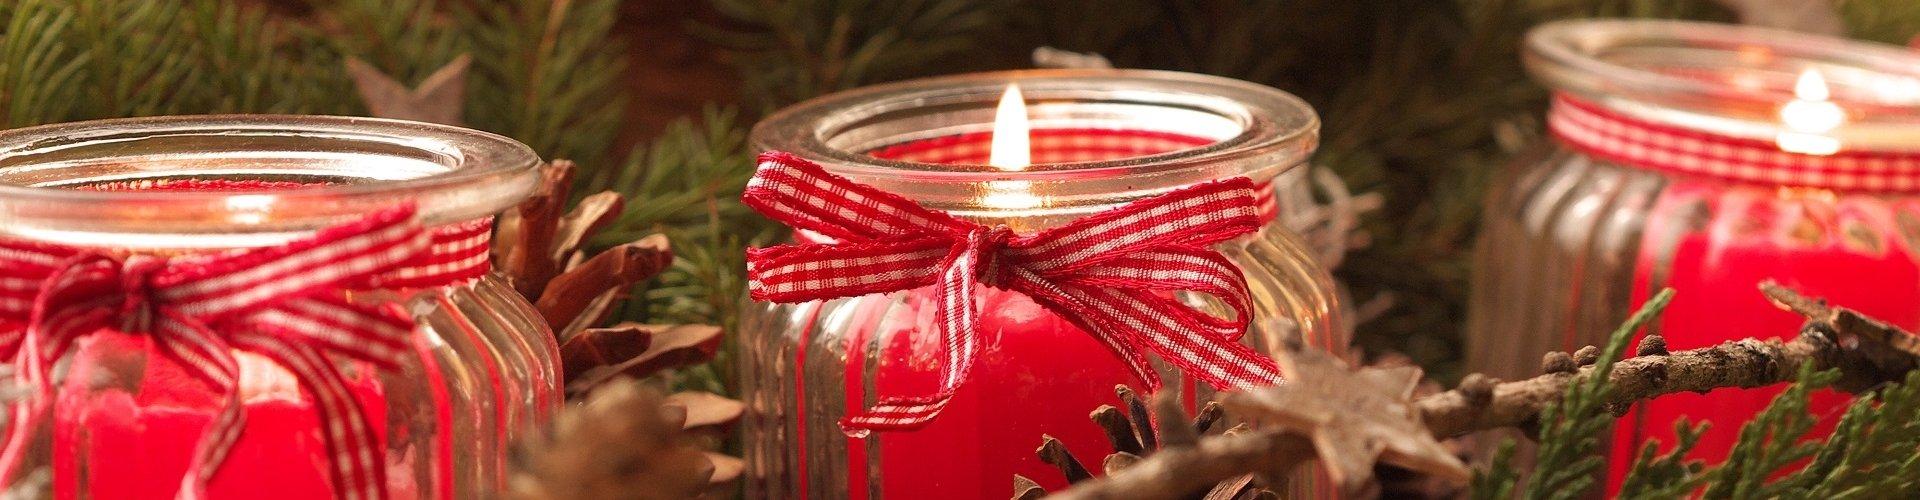 Piroska Weihnachten, Urlaubsangebote, Sonderangebote | Hotel Piroska ...